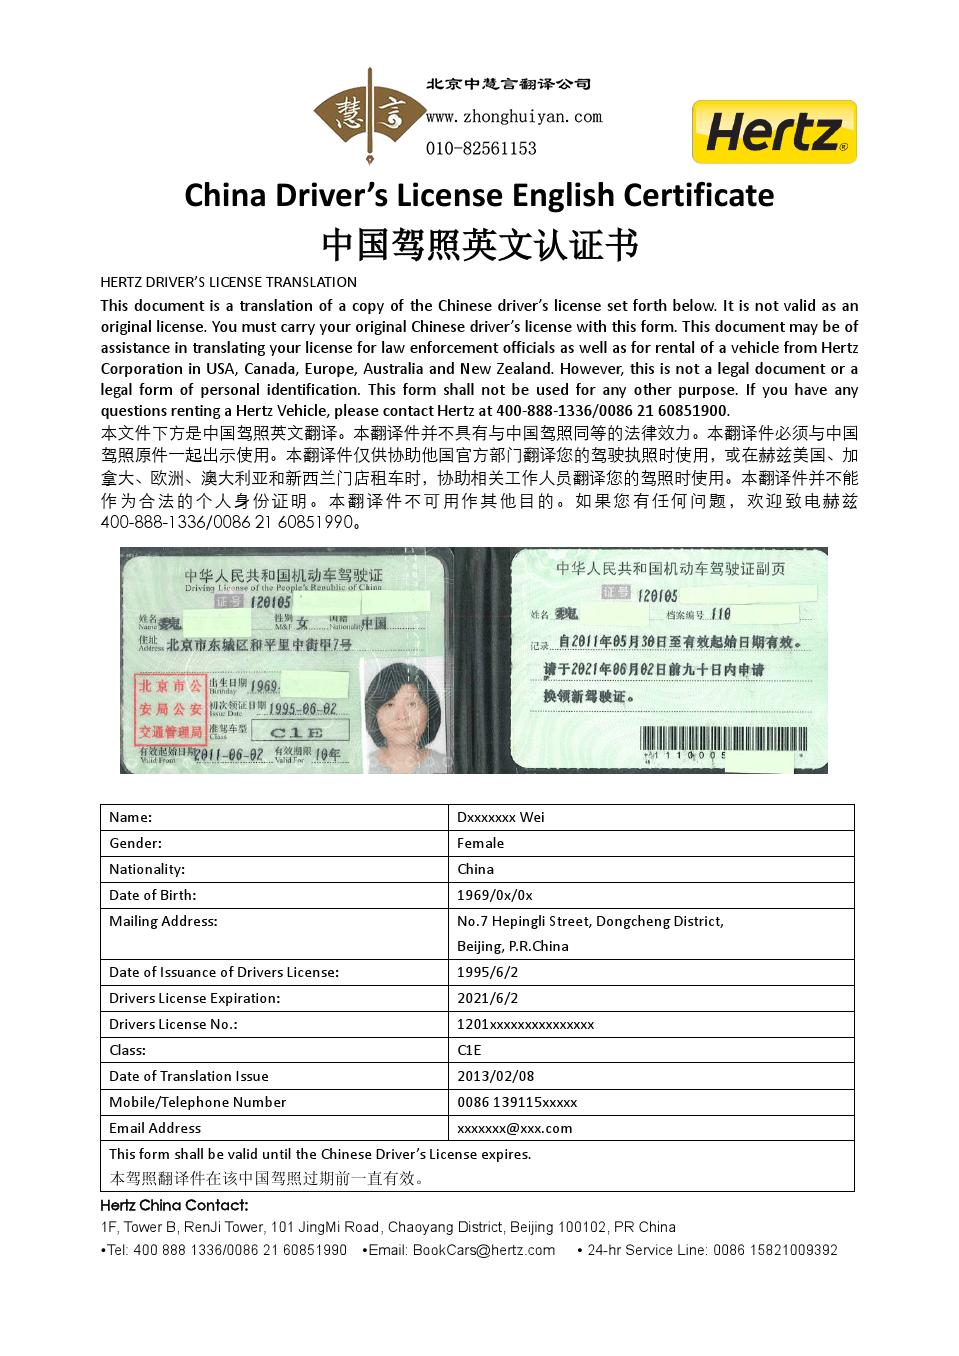 中国驾照翻译驾照公证处费用多少